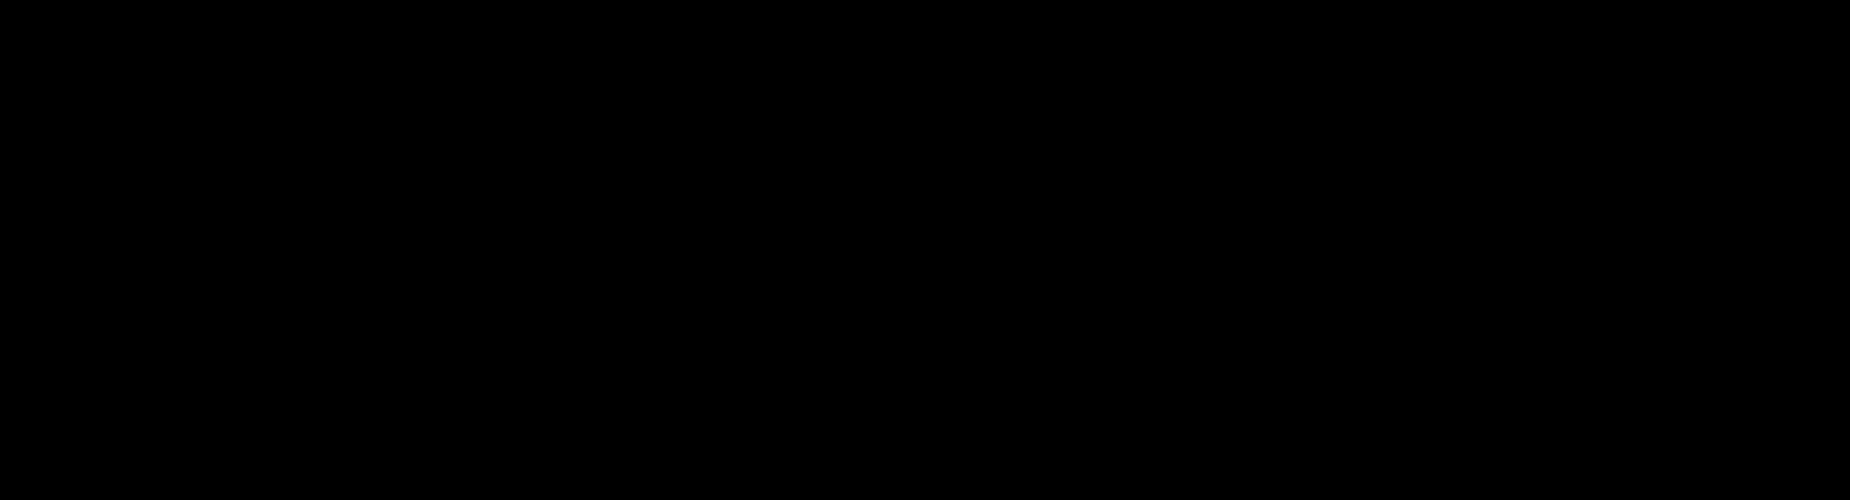 ジャーナルスタンダードのロゴ